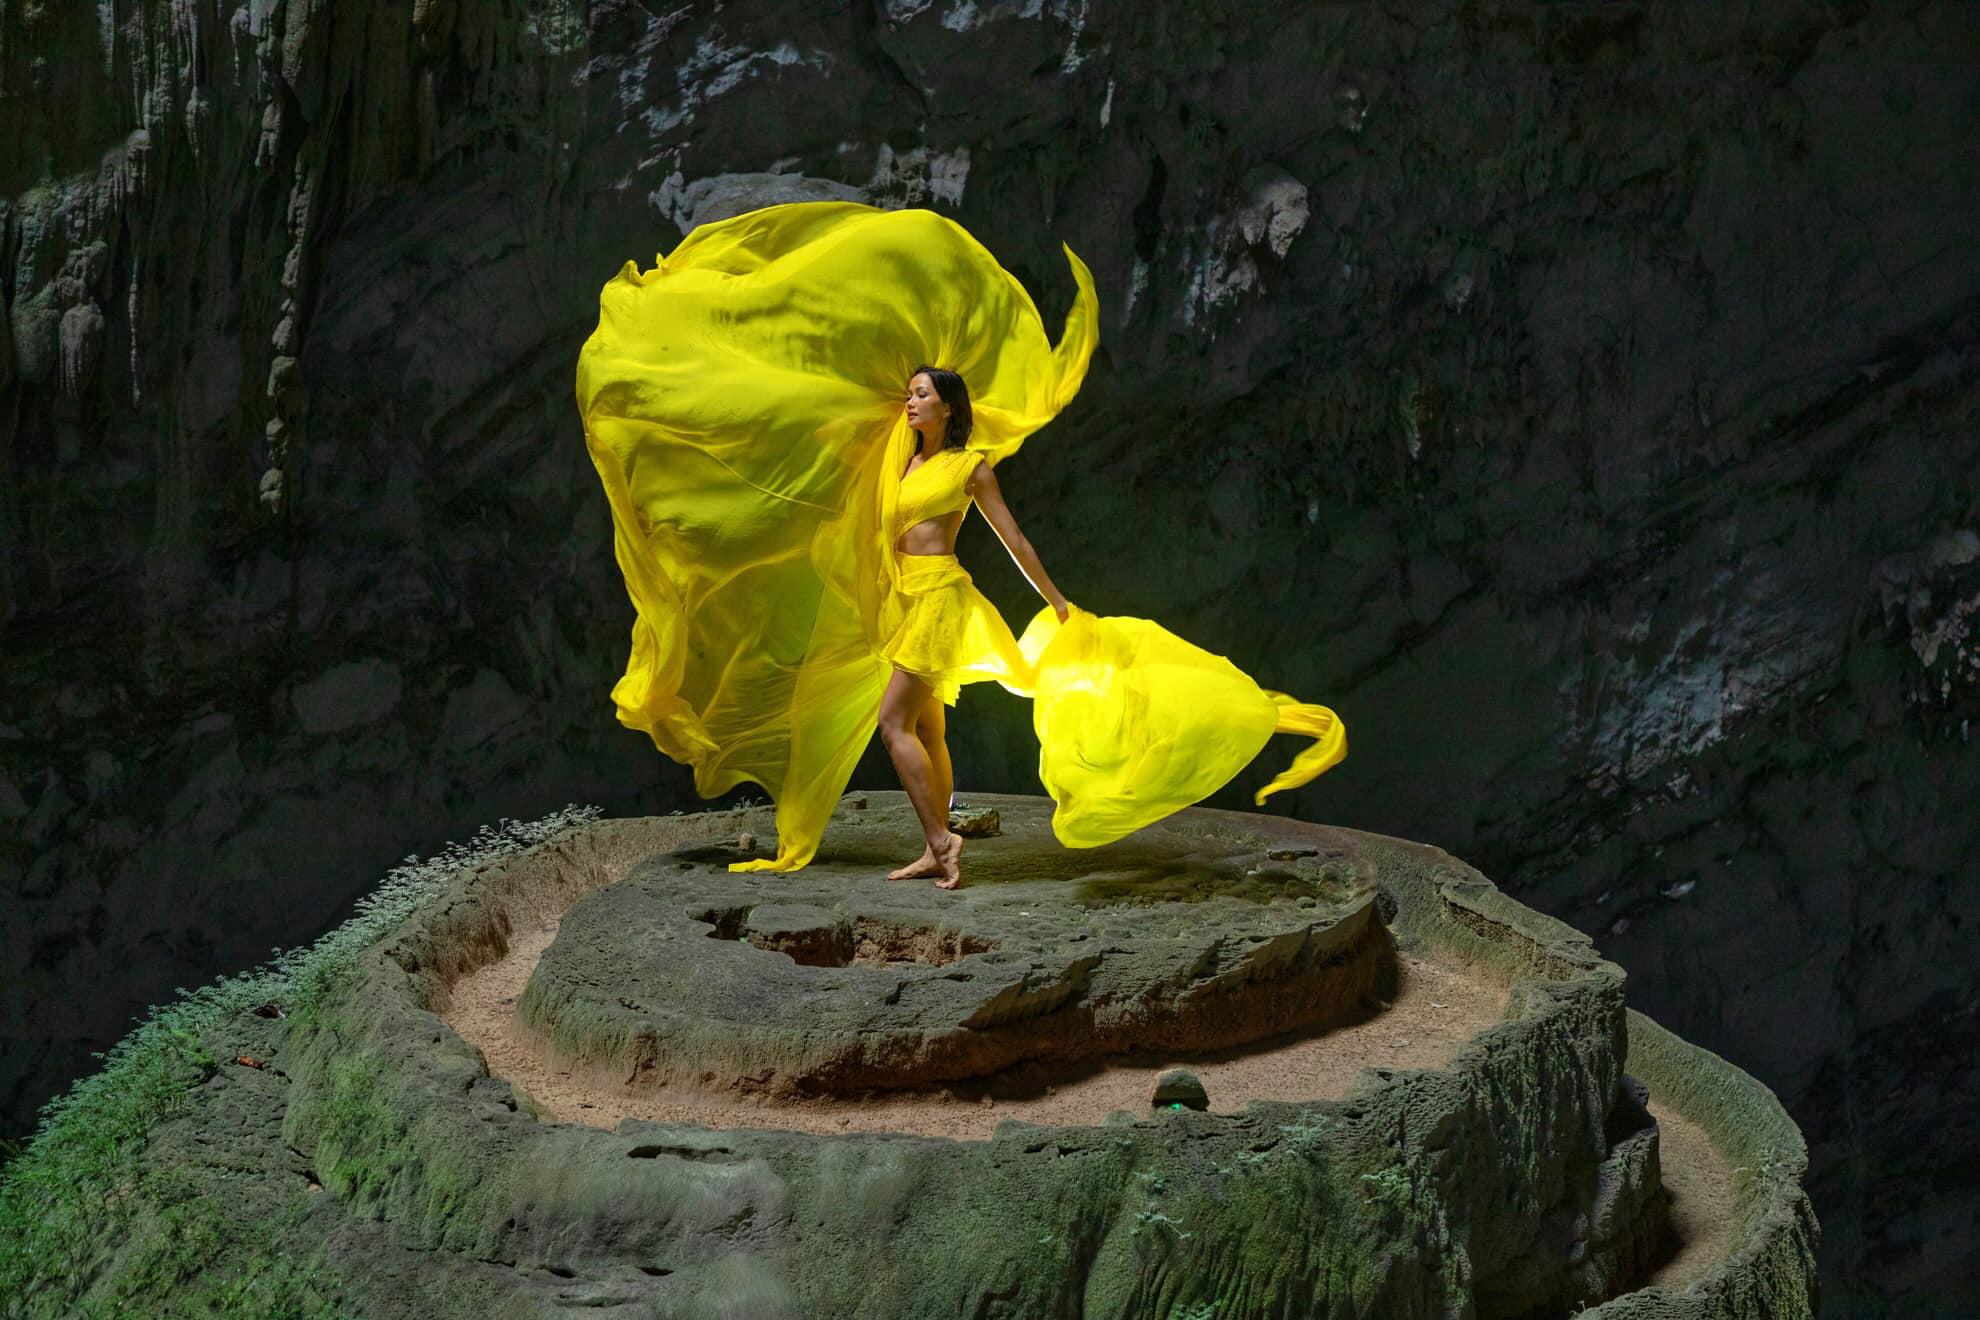 H'Hen Niê khoe dáng như tiên nữ giữa Sơn Đòong hùng vĩ, tiết lộ NTK chiếc váy mà cô mặc  - Ảnh 1.